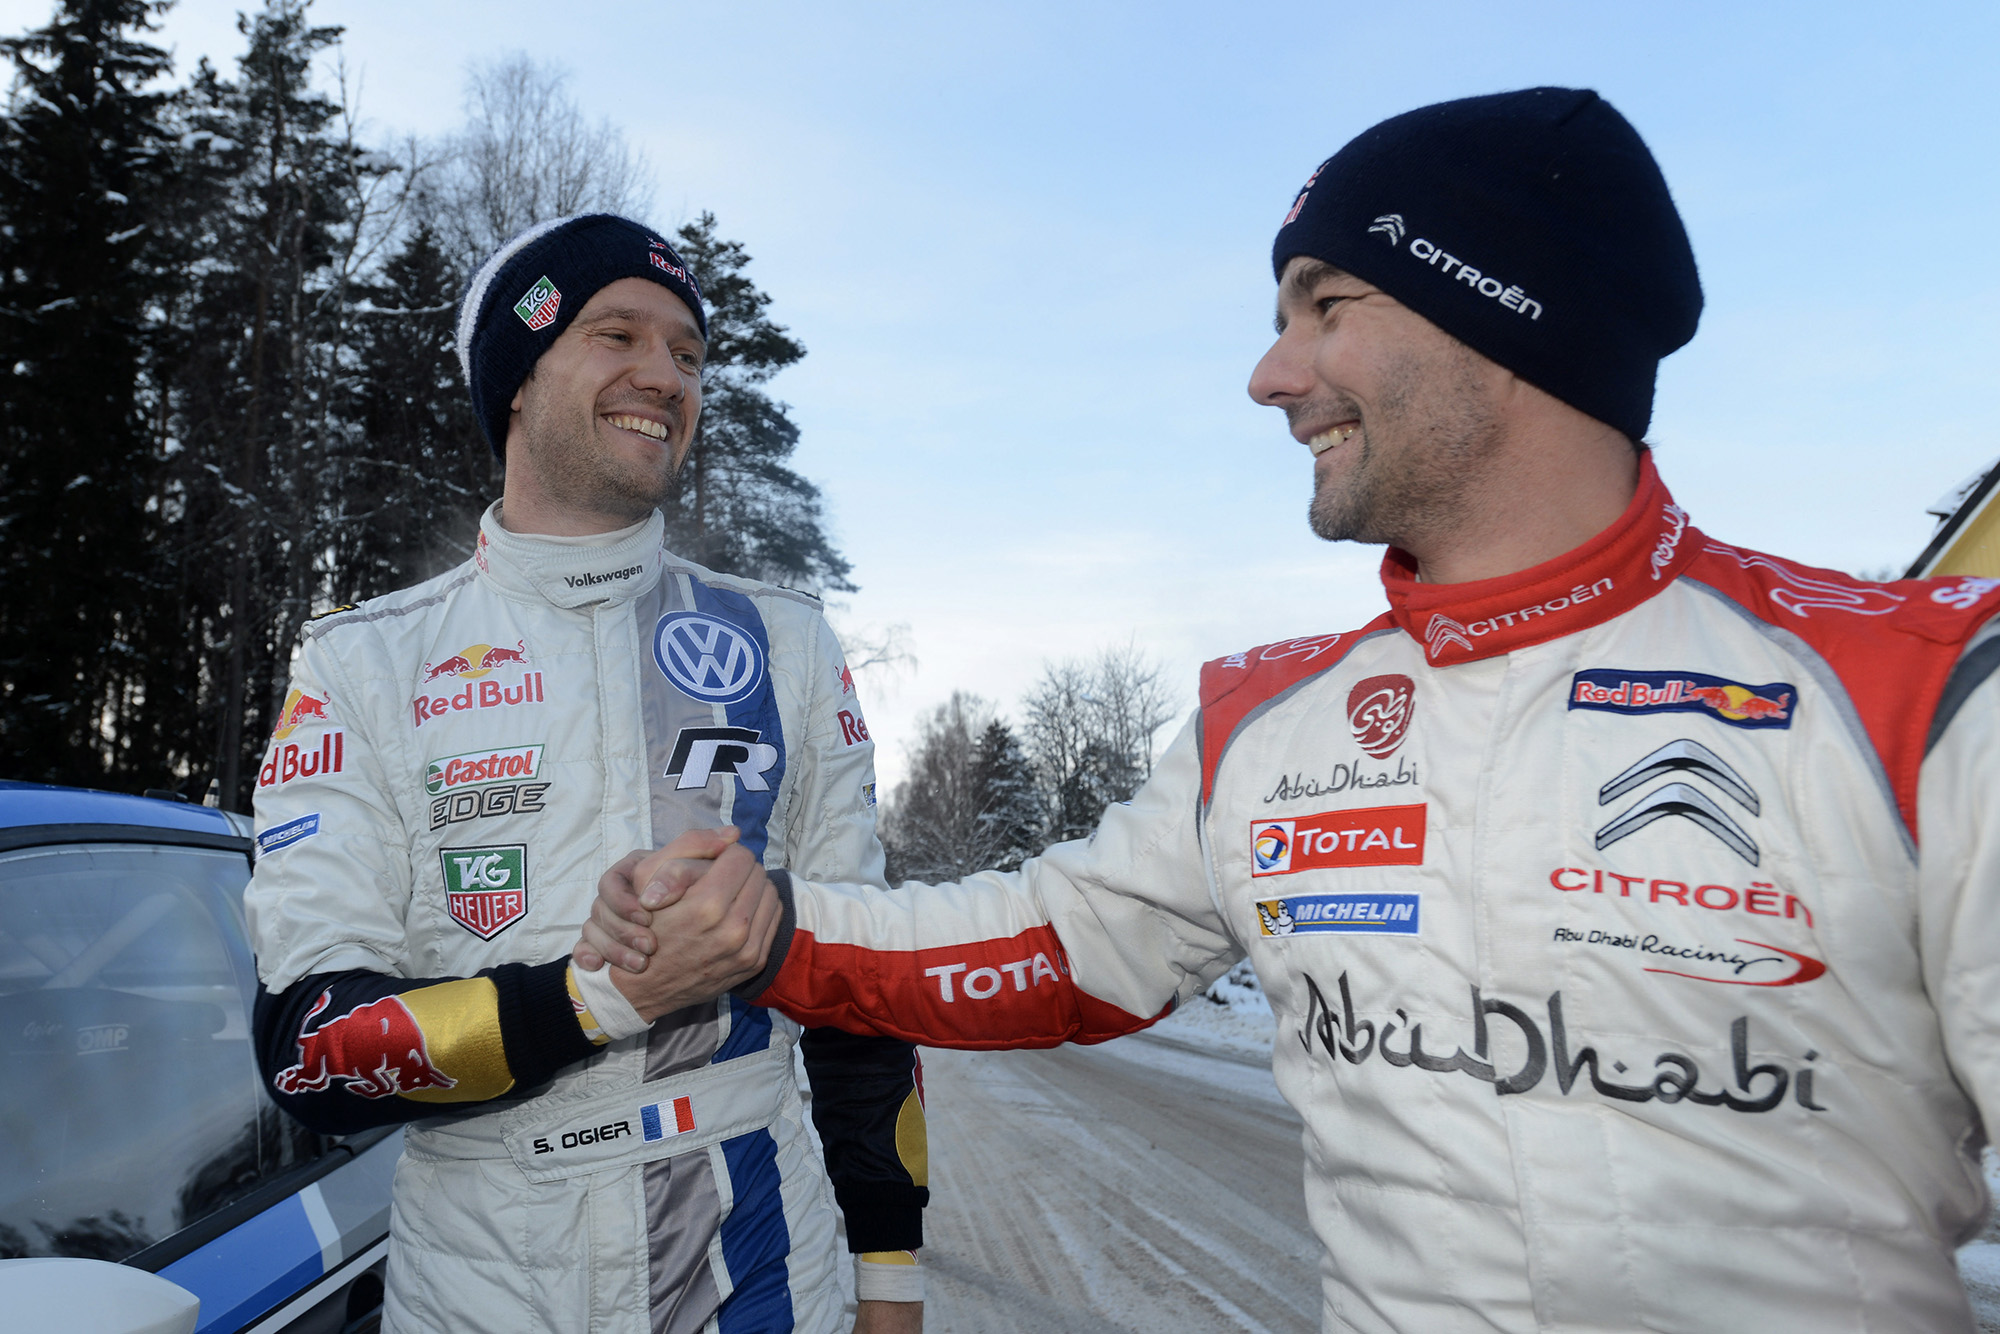 Sebastien Loeb and Sebastien Ogier shake hands